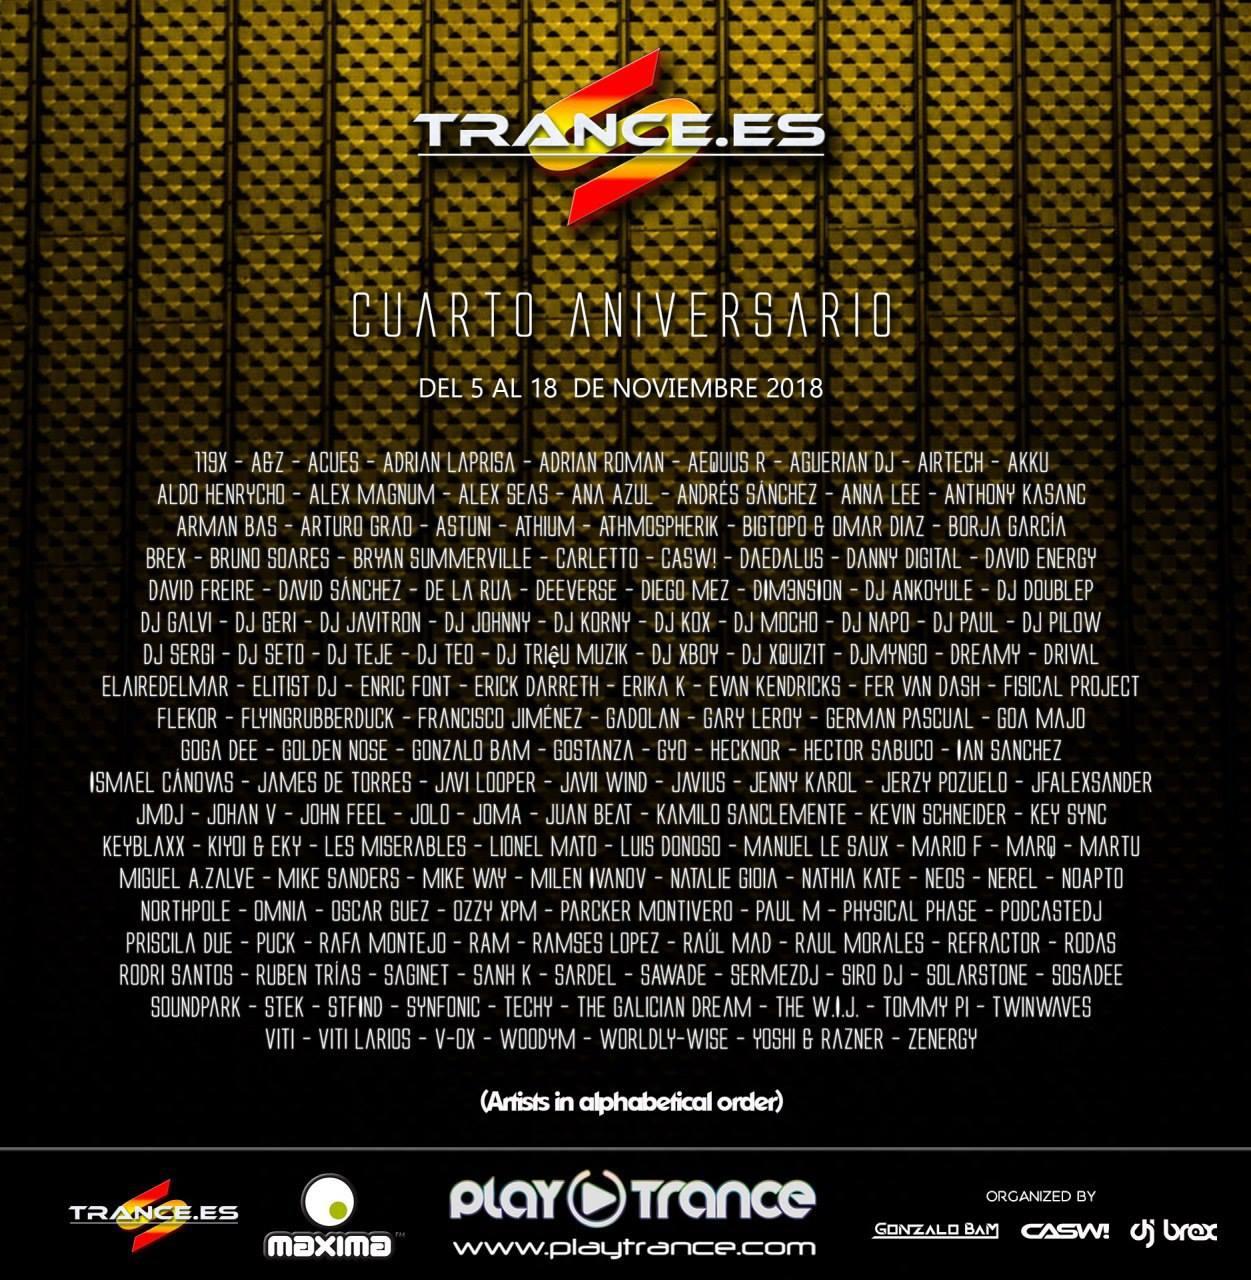 Cuarto Aniversario de Trance.es, del 5 al 18 de noviembre